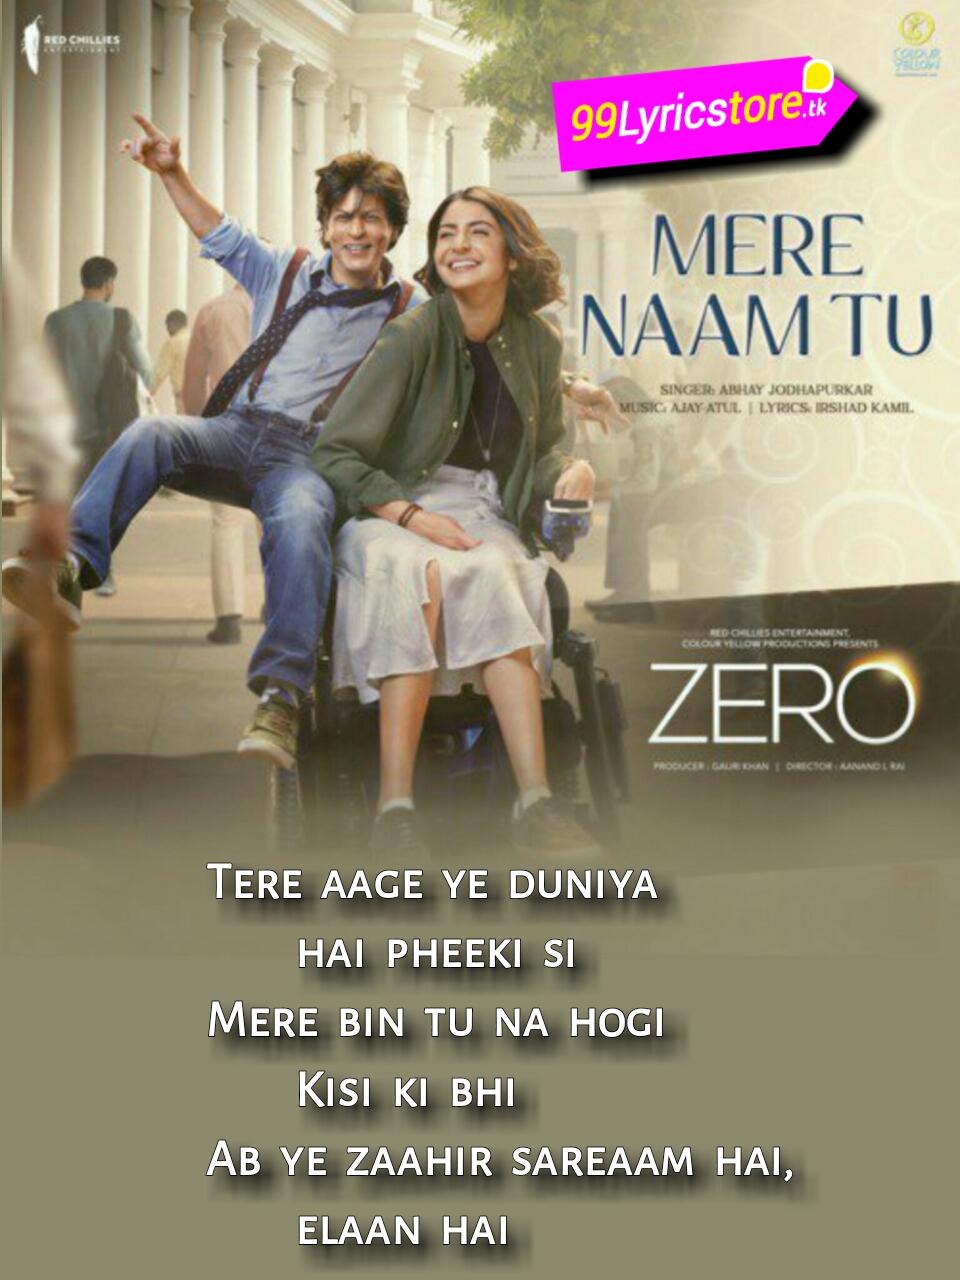 Shah Rukh Khan Song Lyrics, Anushka Sharma Song Lyrics, Hindi Song Lyrics, Zero, Zero movie Song Lyrics